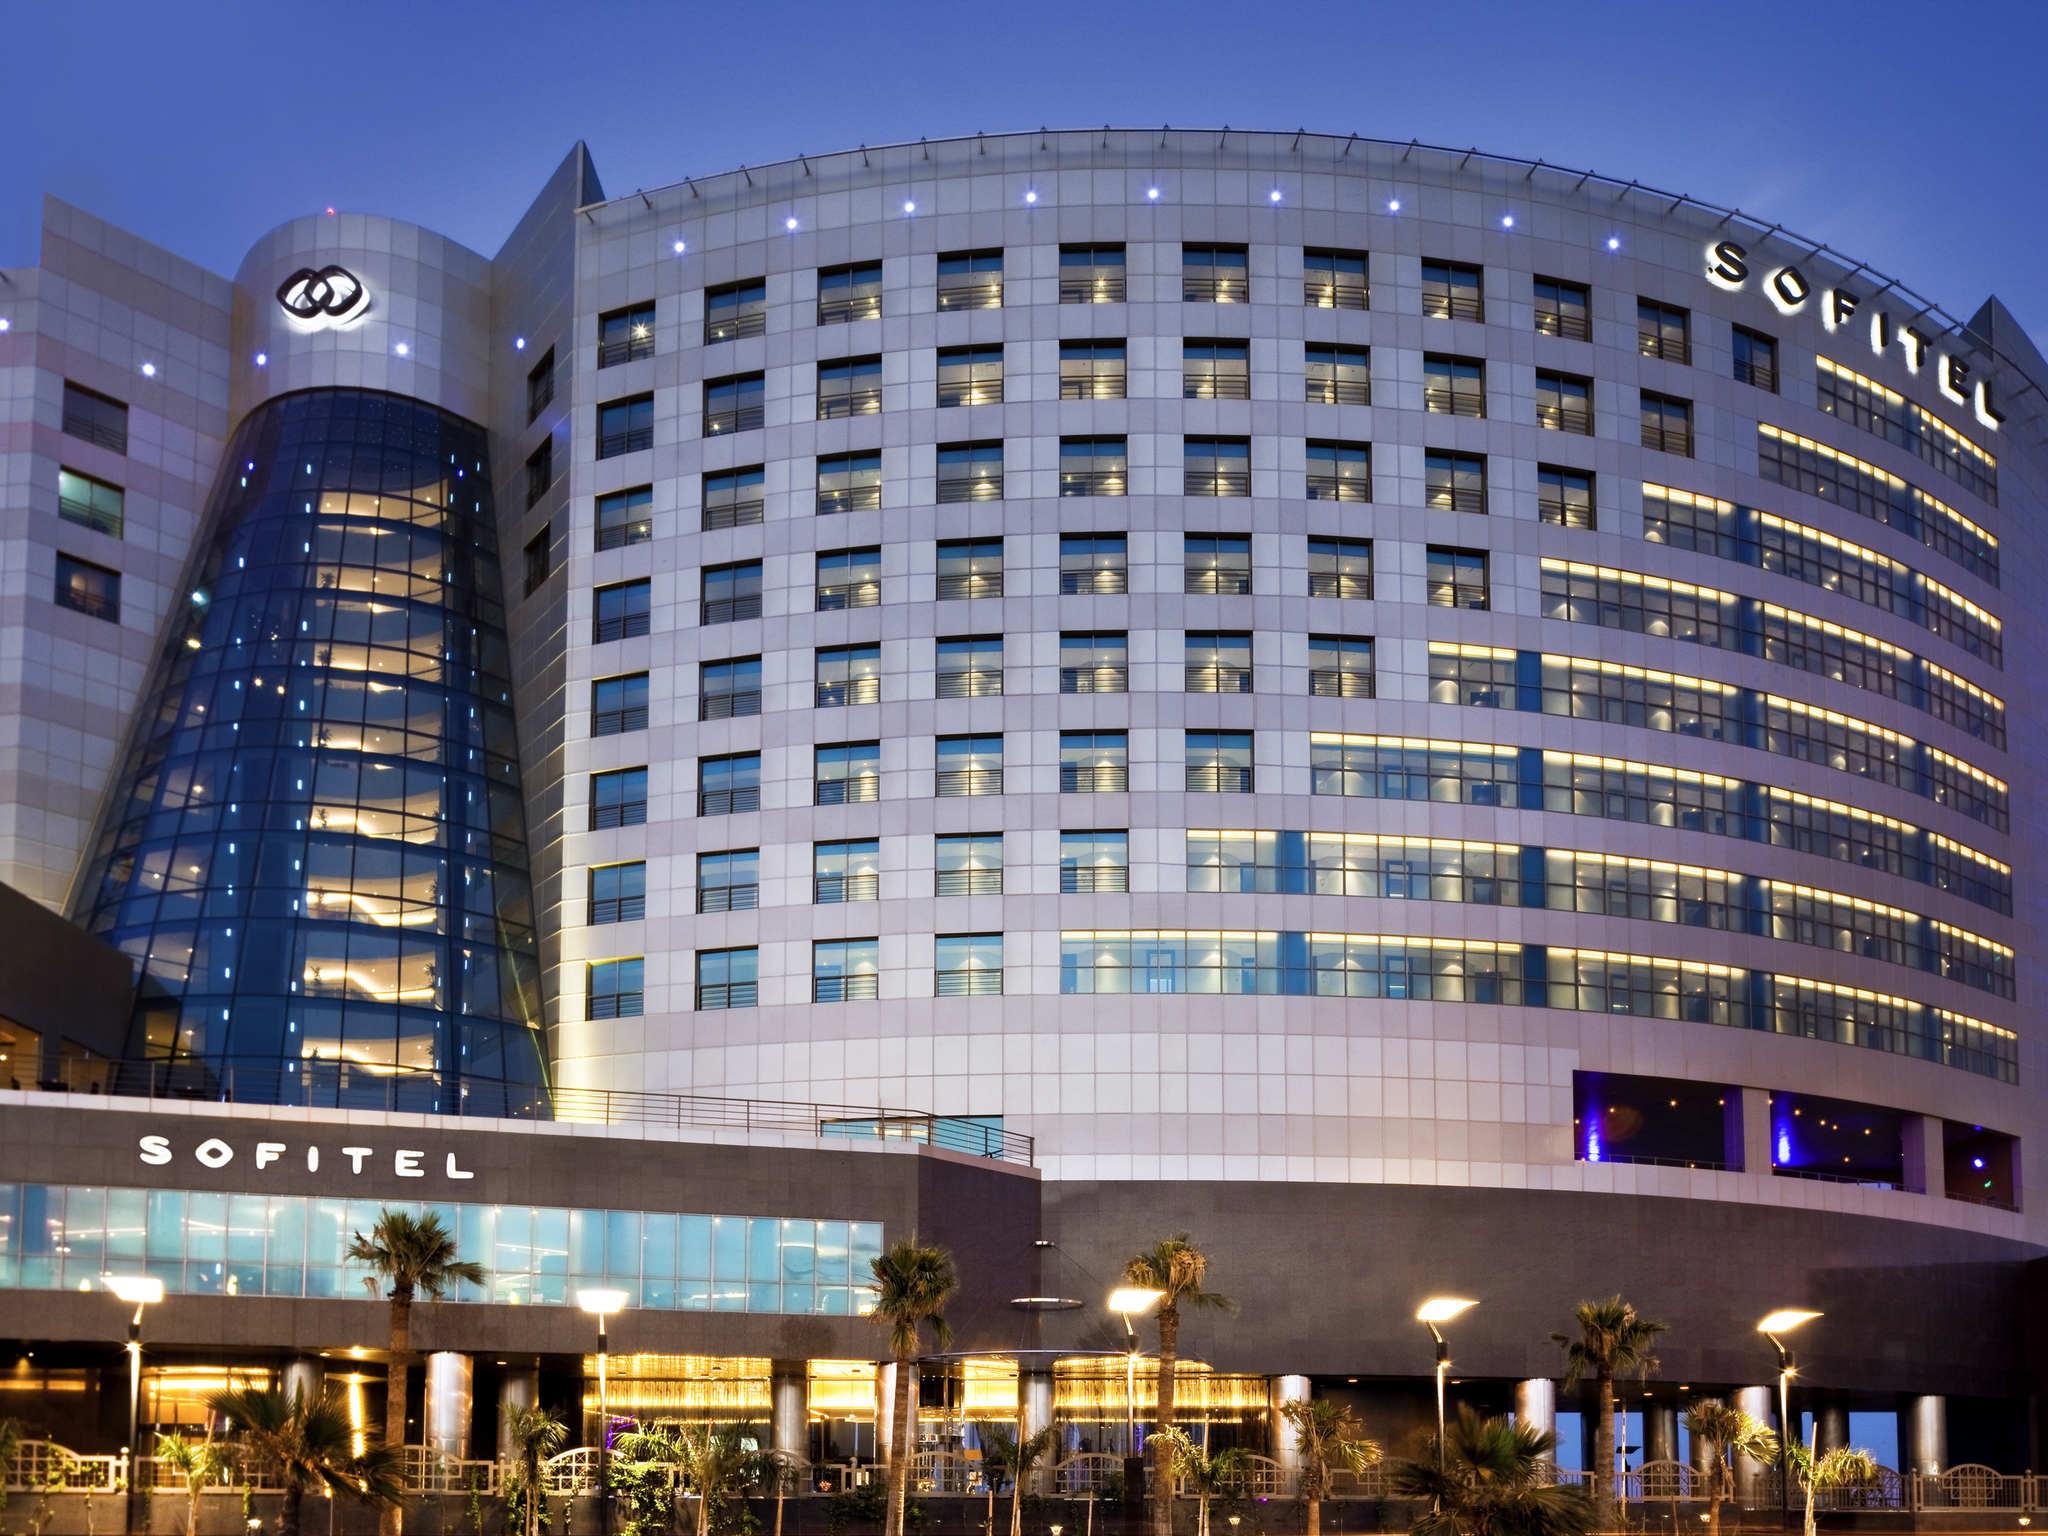 酒店 – 阿尔科巴尔滨海大道索菲特酒店